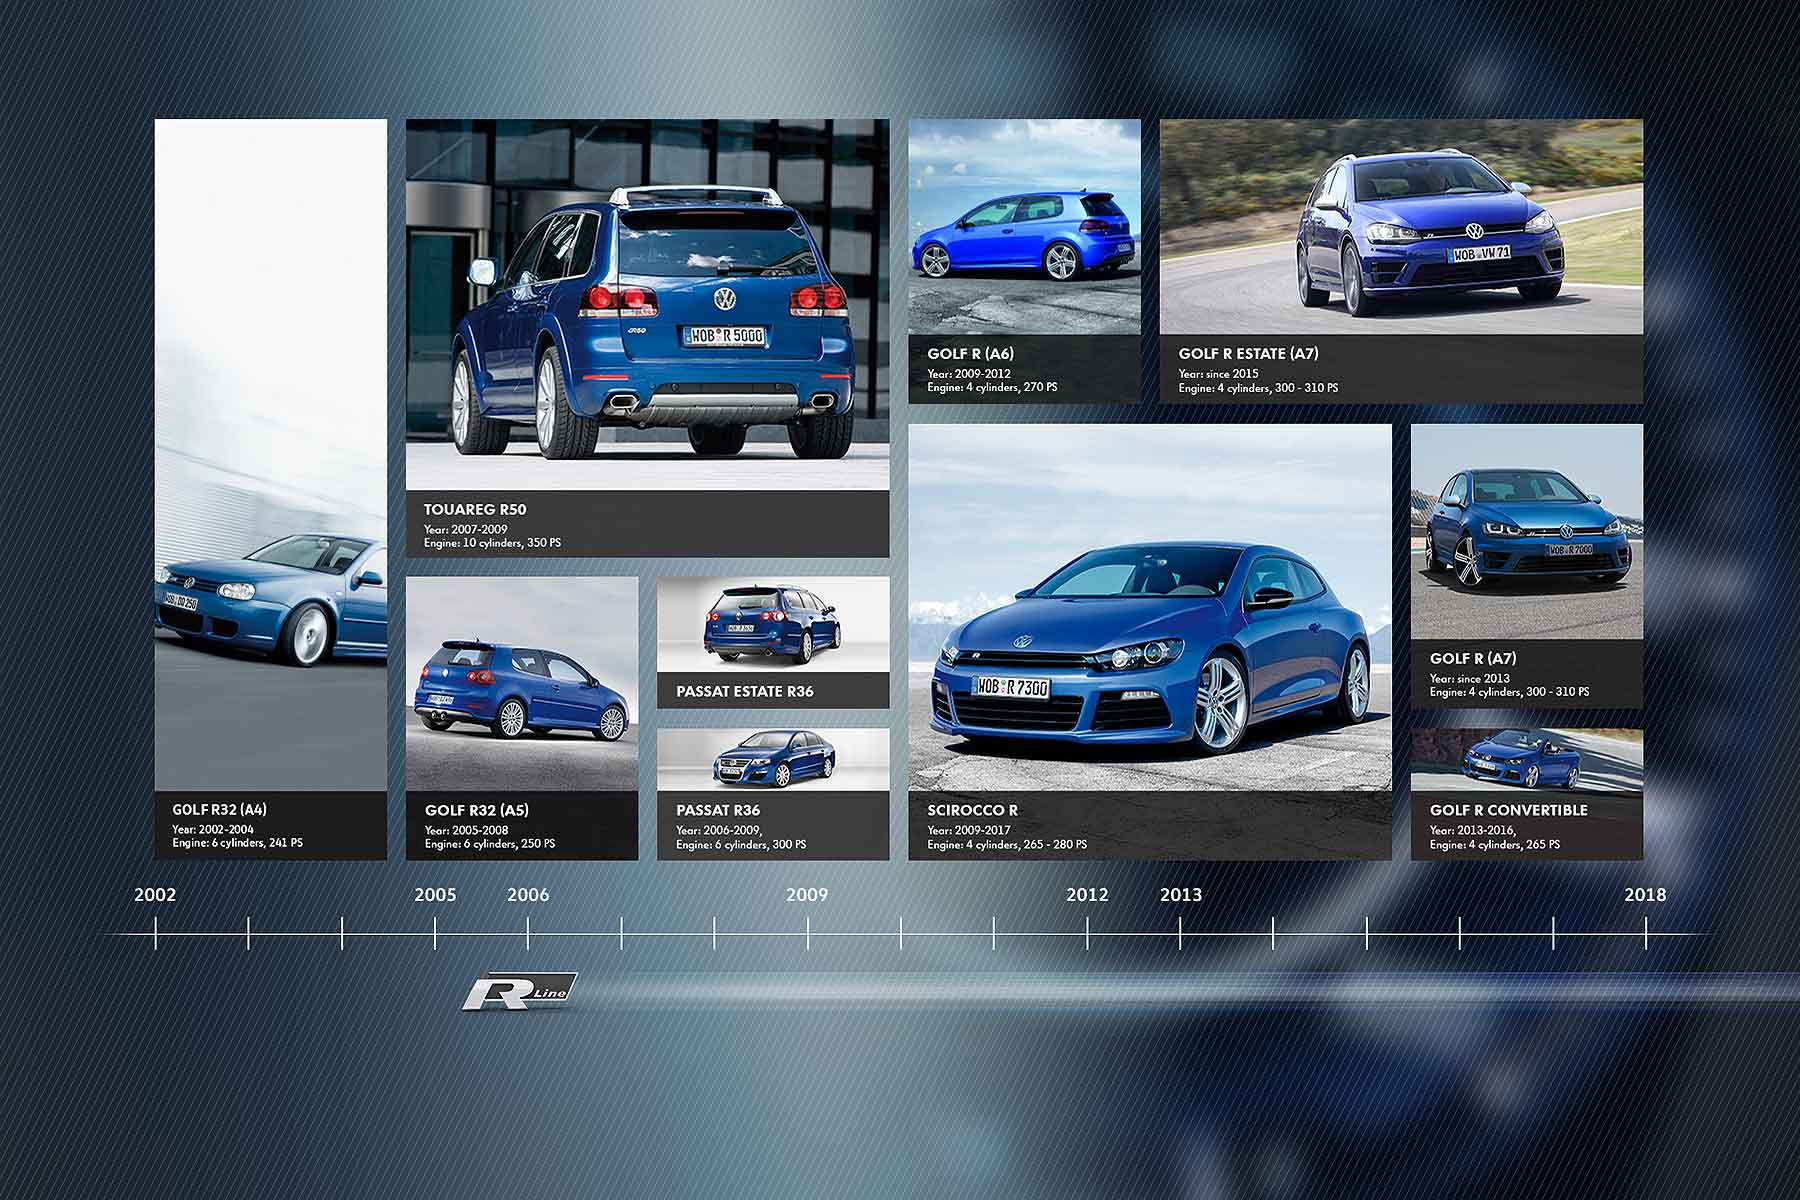 Volkswagen R GmbH timeline